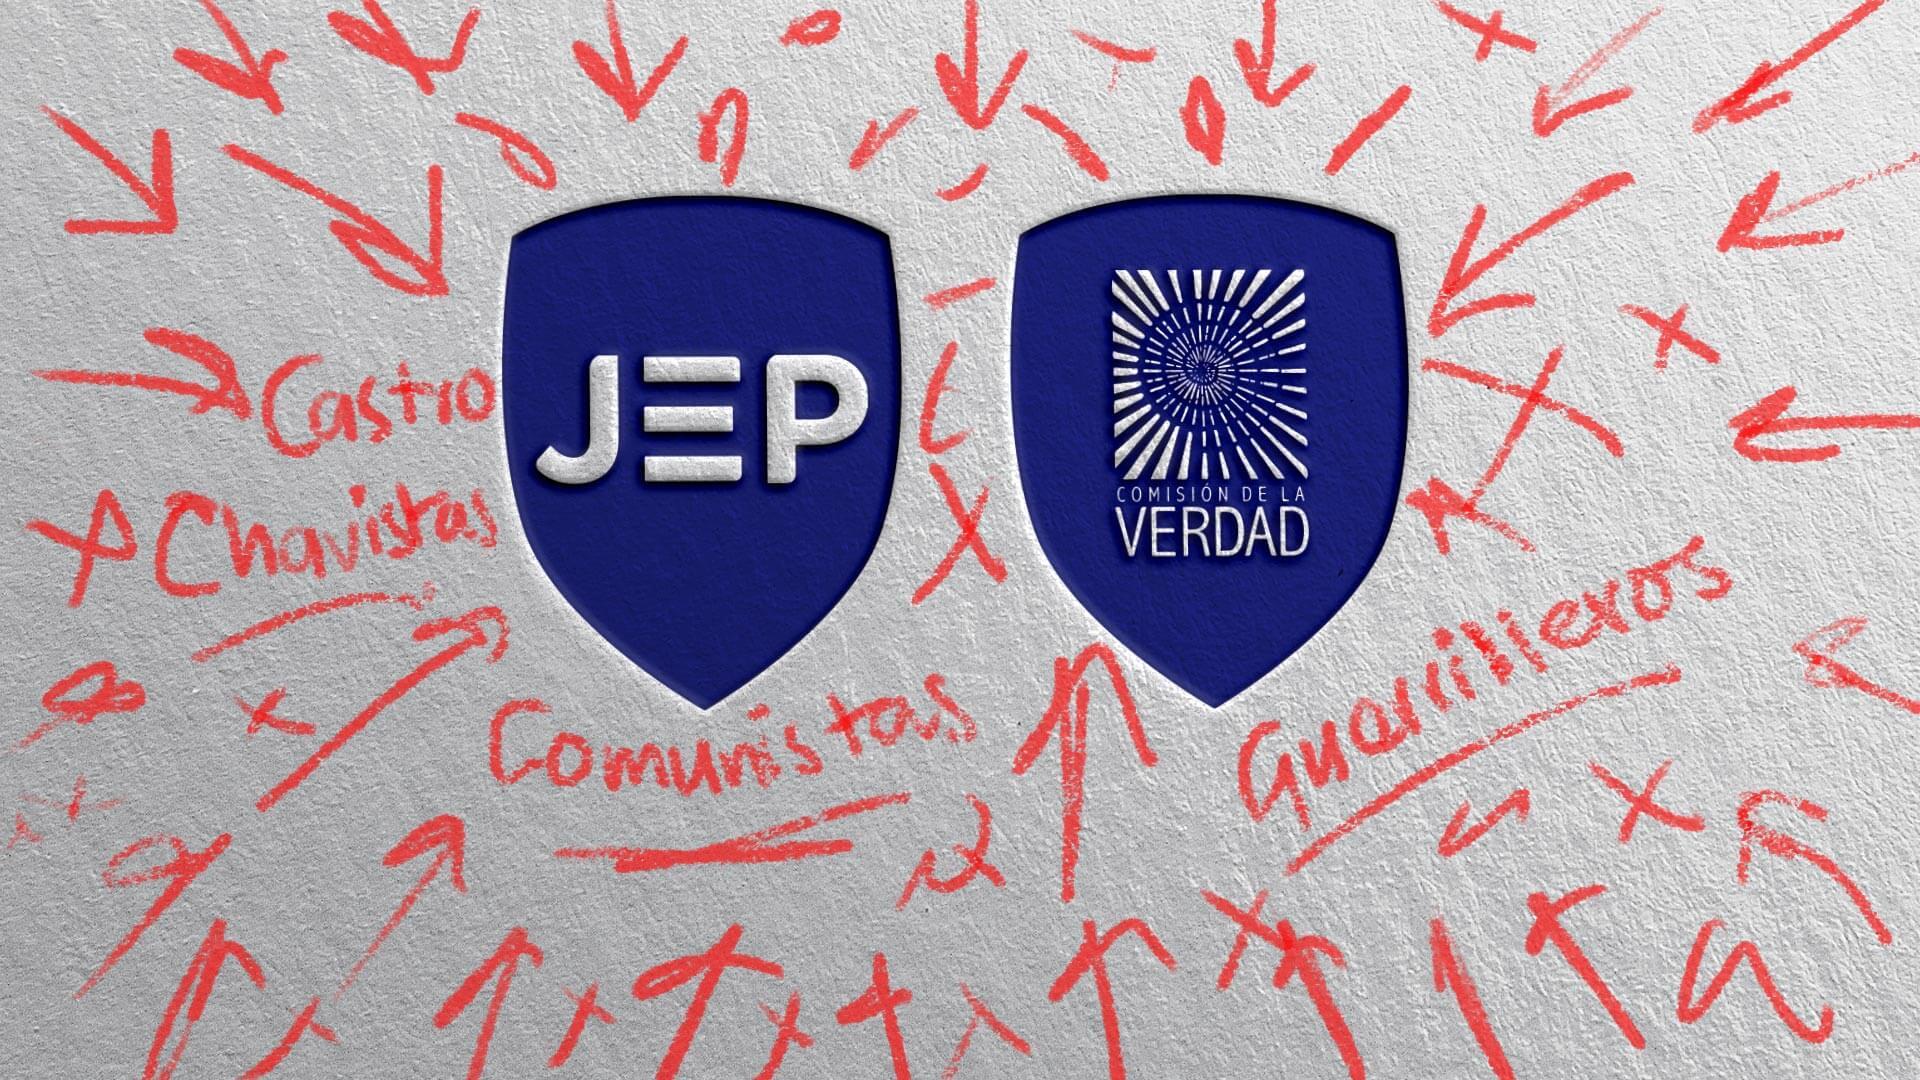 ¡Oh, sorpresa! A la Comisión de la Verdad y la JEP las atacan con mentiras e injusticias